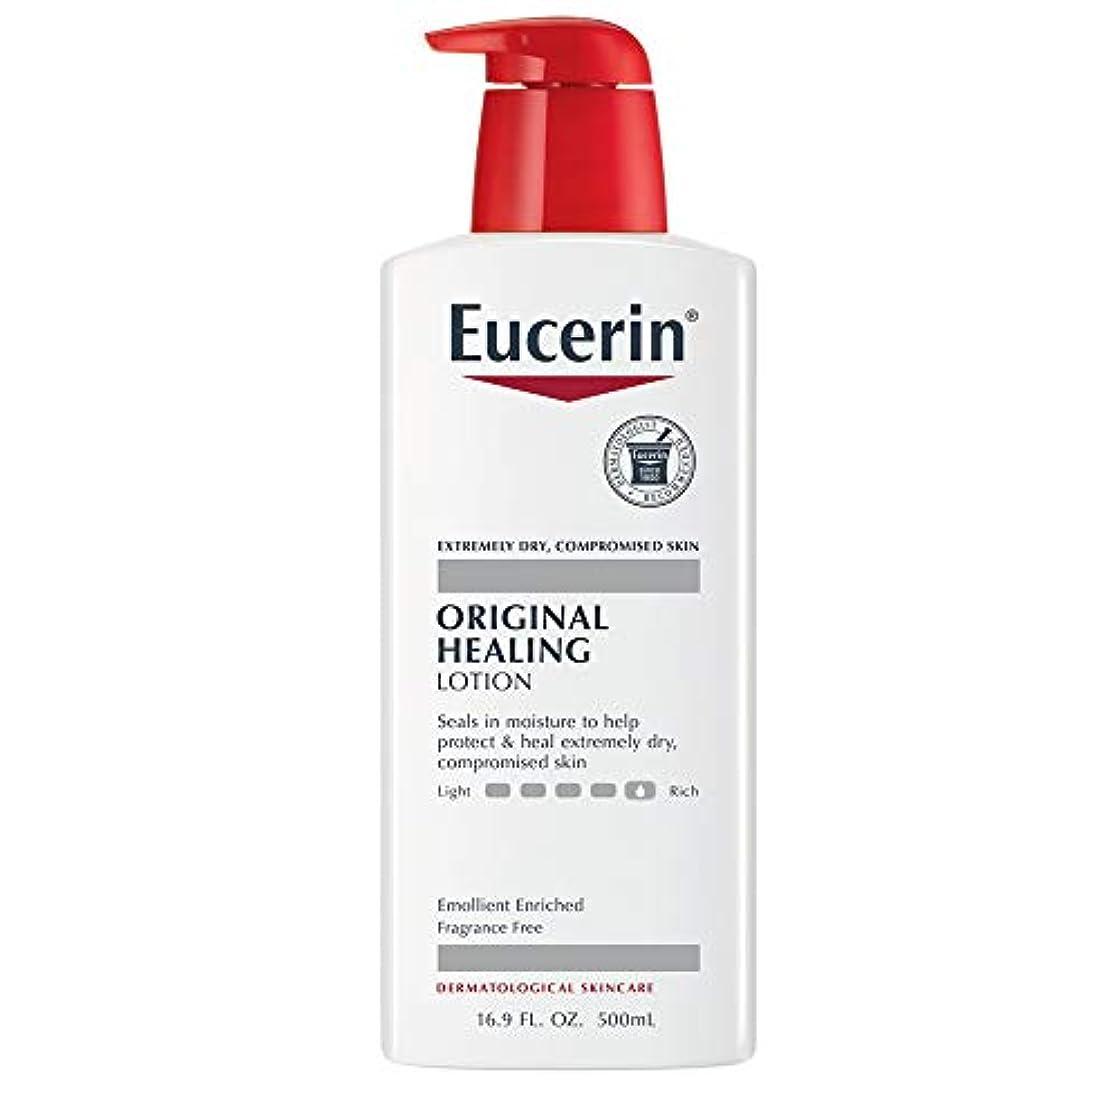 周術期物理的な受け入れる海外直送肘 Eucerin Original Moisturizing Lotion For Dry And Sensitive Skin, 16.9 oz